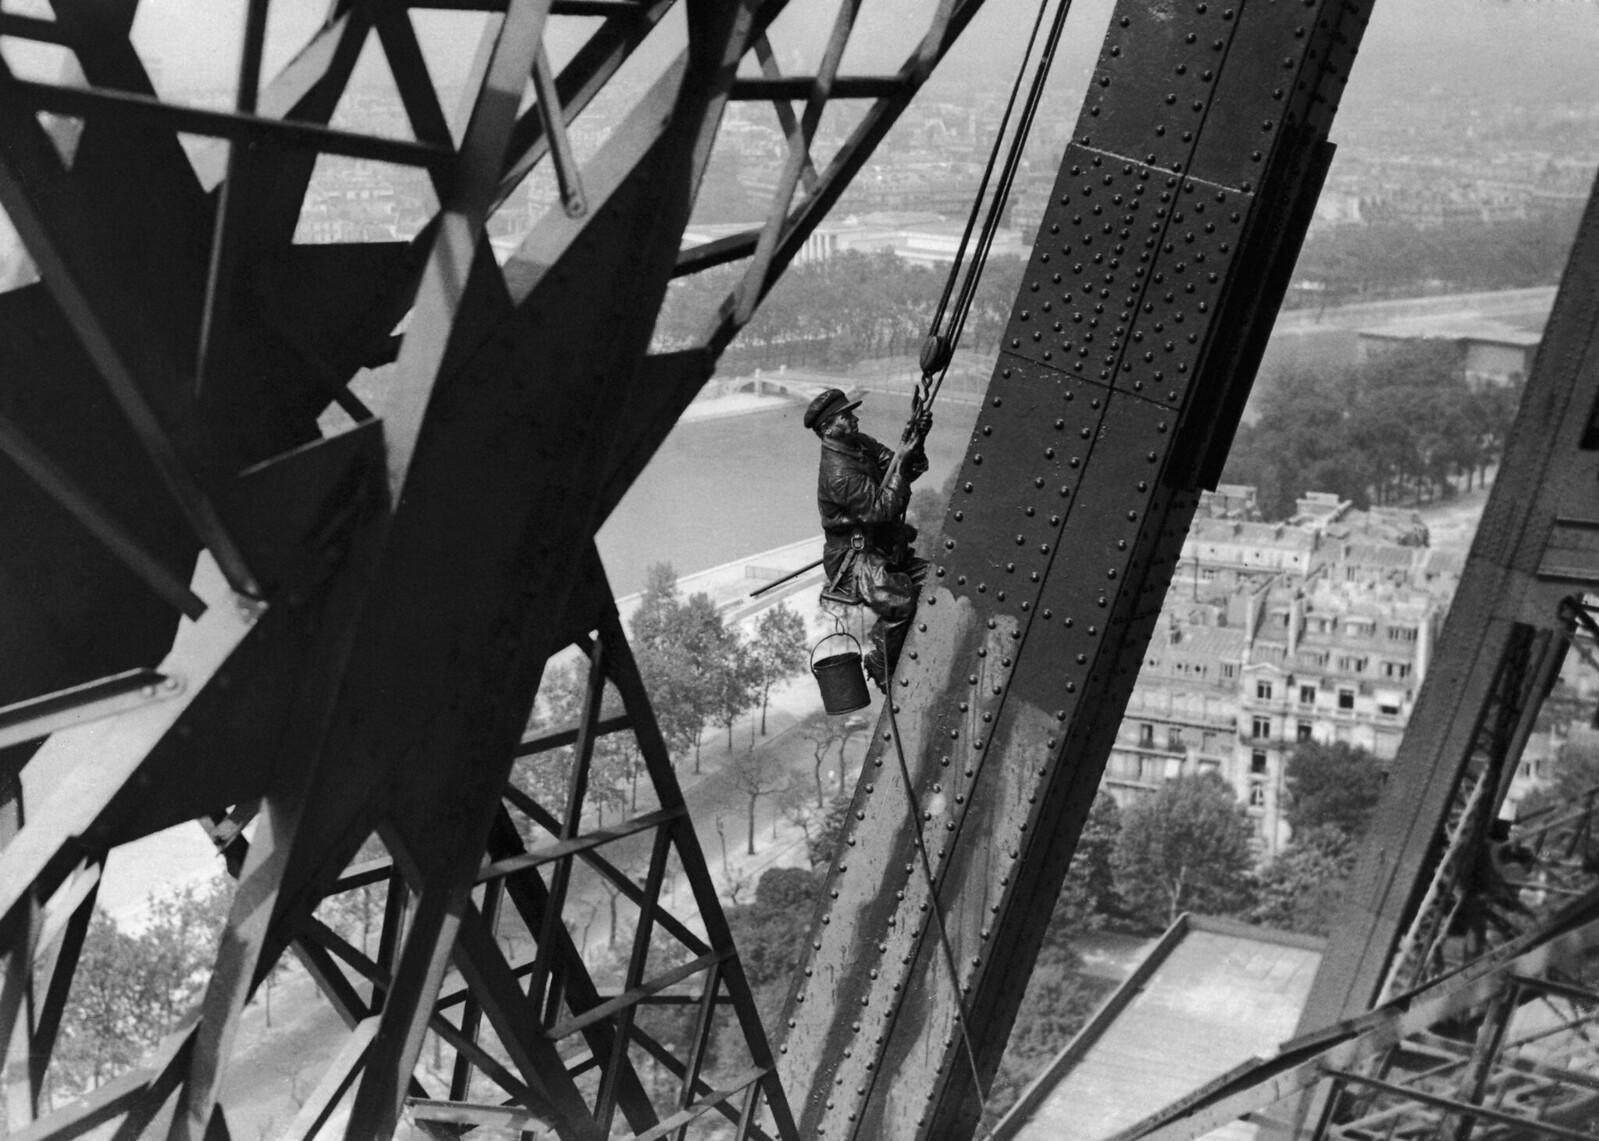 10. 1939Эйфелева башня покрывается свежей краской к своему 50-летнему юбилею. Рабочий висит на высоте 270 метров над землей для выполнения работы 24 мая